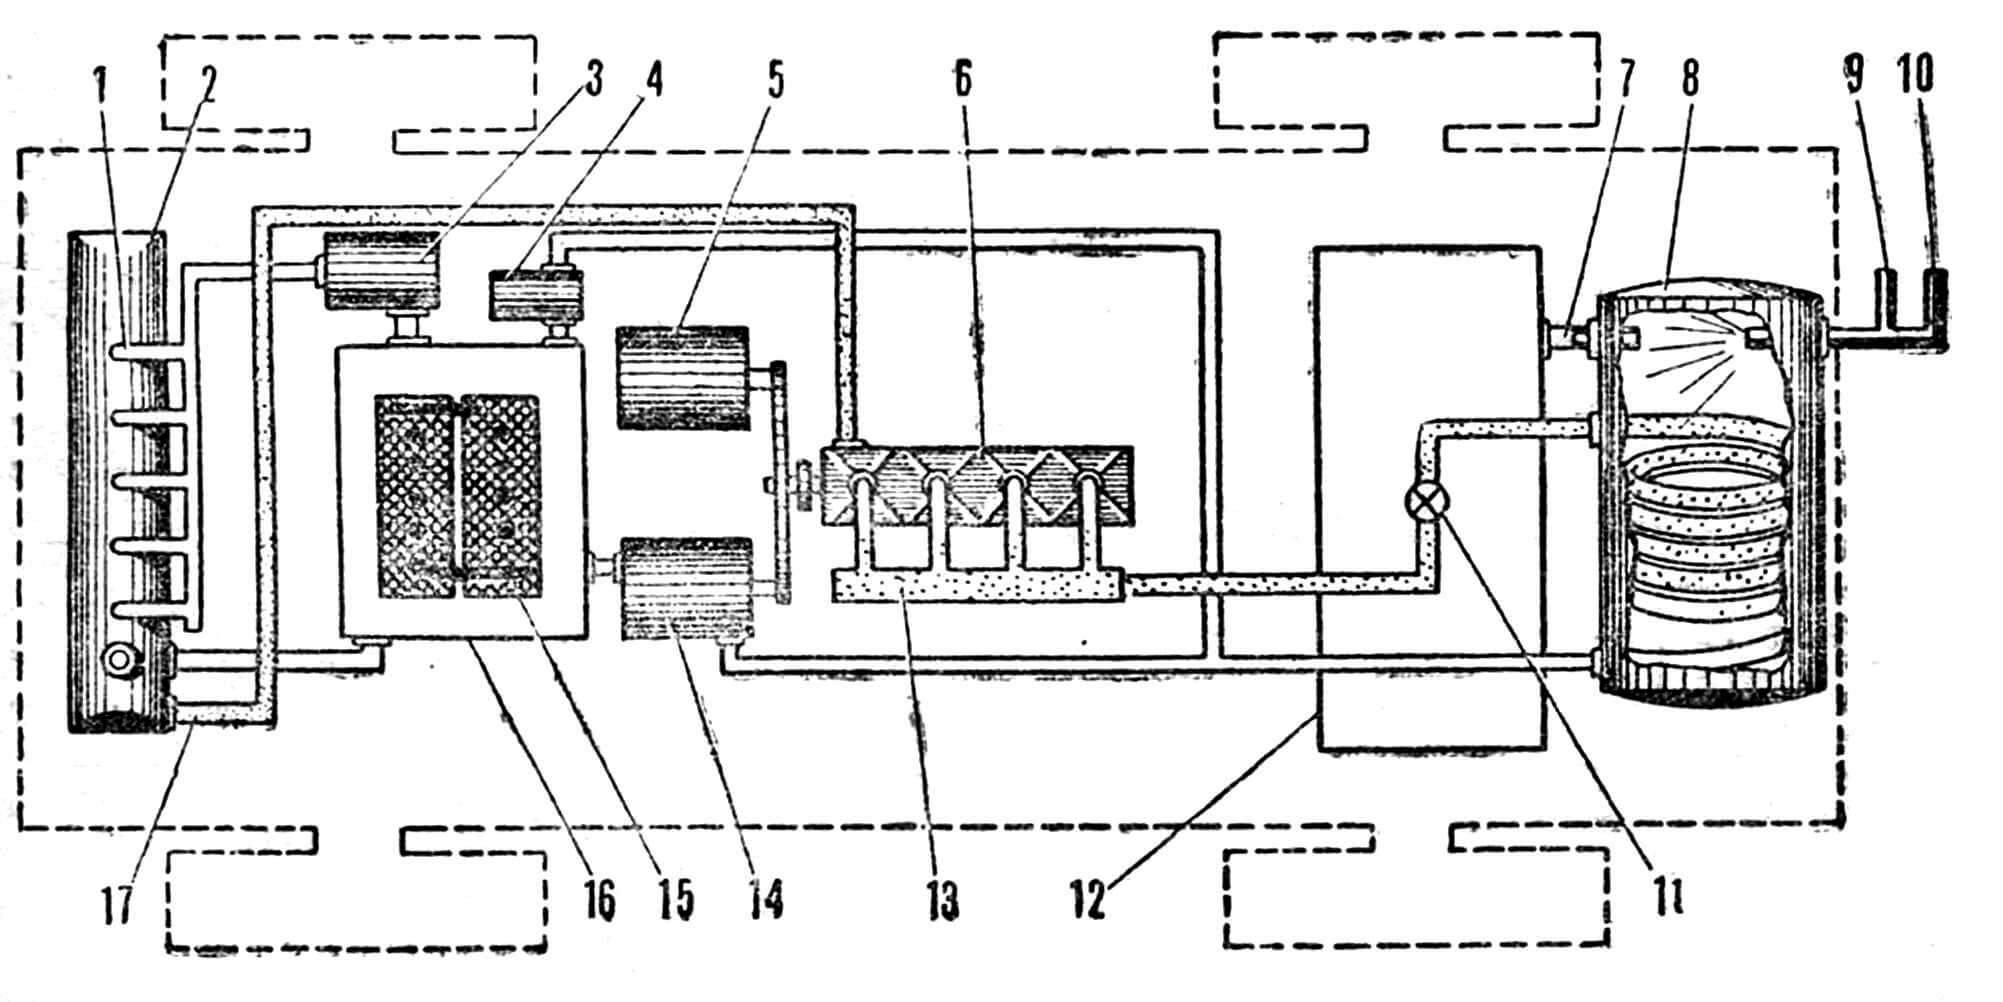 Рис. 2. Схема размещения узлов и агрегатов парового автомобиля: 1 — радиатор для охлаждения пара; 2 — конденсатор; 3 — основной насос; 4 — дополнительный водяной насос; 5 — 24-вольтовый электродвигатель для вращения системы поворотных золотников; 6 — 4-цилиндровый двигатель; 7 — воспламенитель; 8 — генератор пара (бойлер); 9 — отверстие для впуска сжатого воздуха; 10 — отверстие для впрыска топлива; 11 — дроссель; 12 — датчики электромеханической контрольной системы; 13 — поворотные золотники; 14 — электродвигатель питающего насоса; 15 — две 12-вольтовые батареи; 16 — питающий котел; 17 — выпускная линия для пара, идущего из конденсатора.